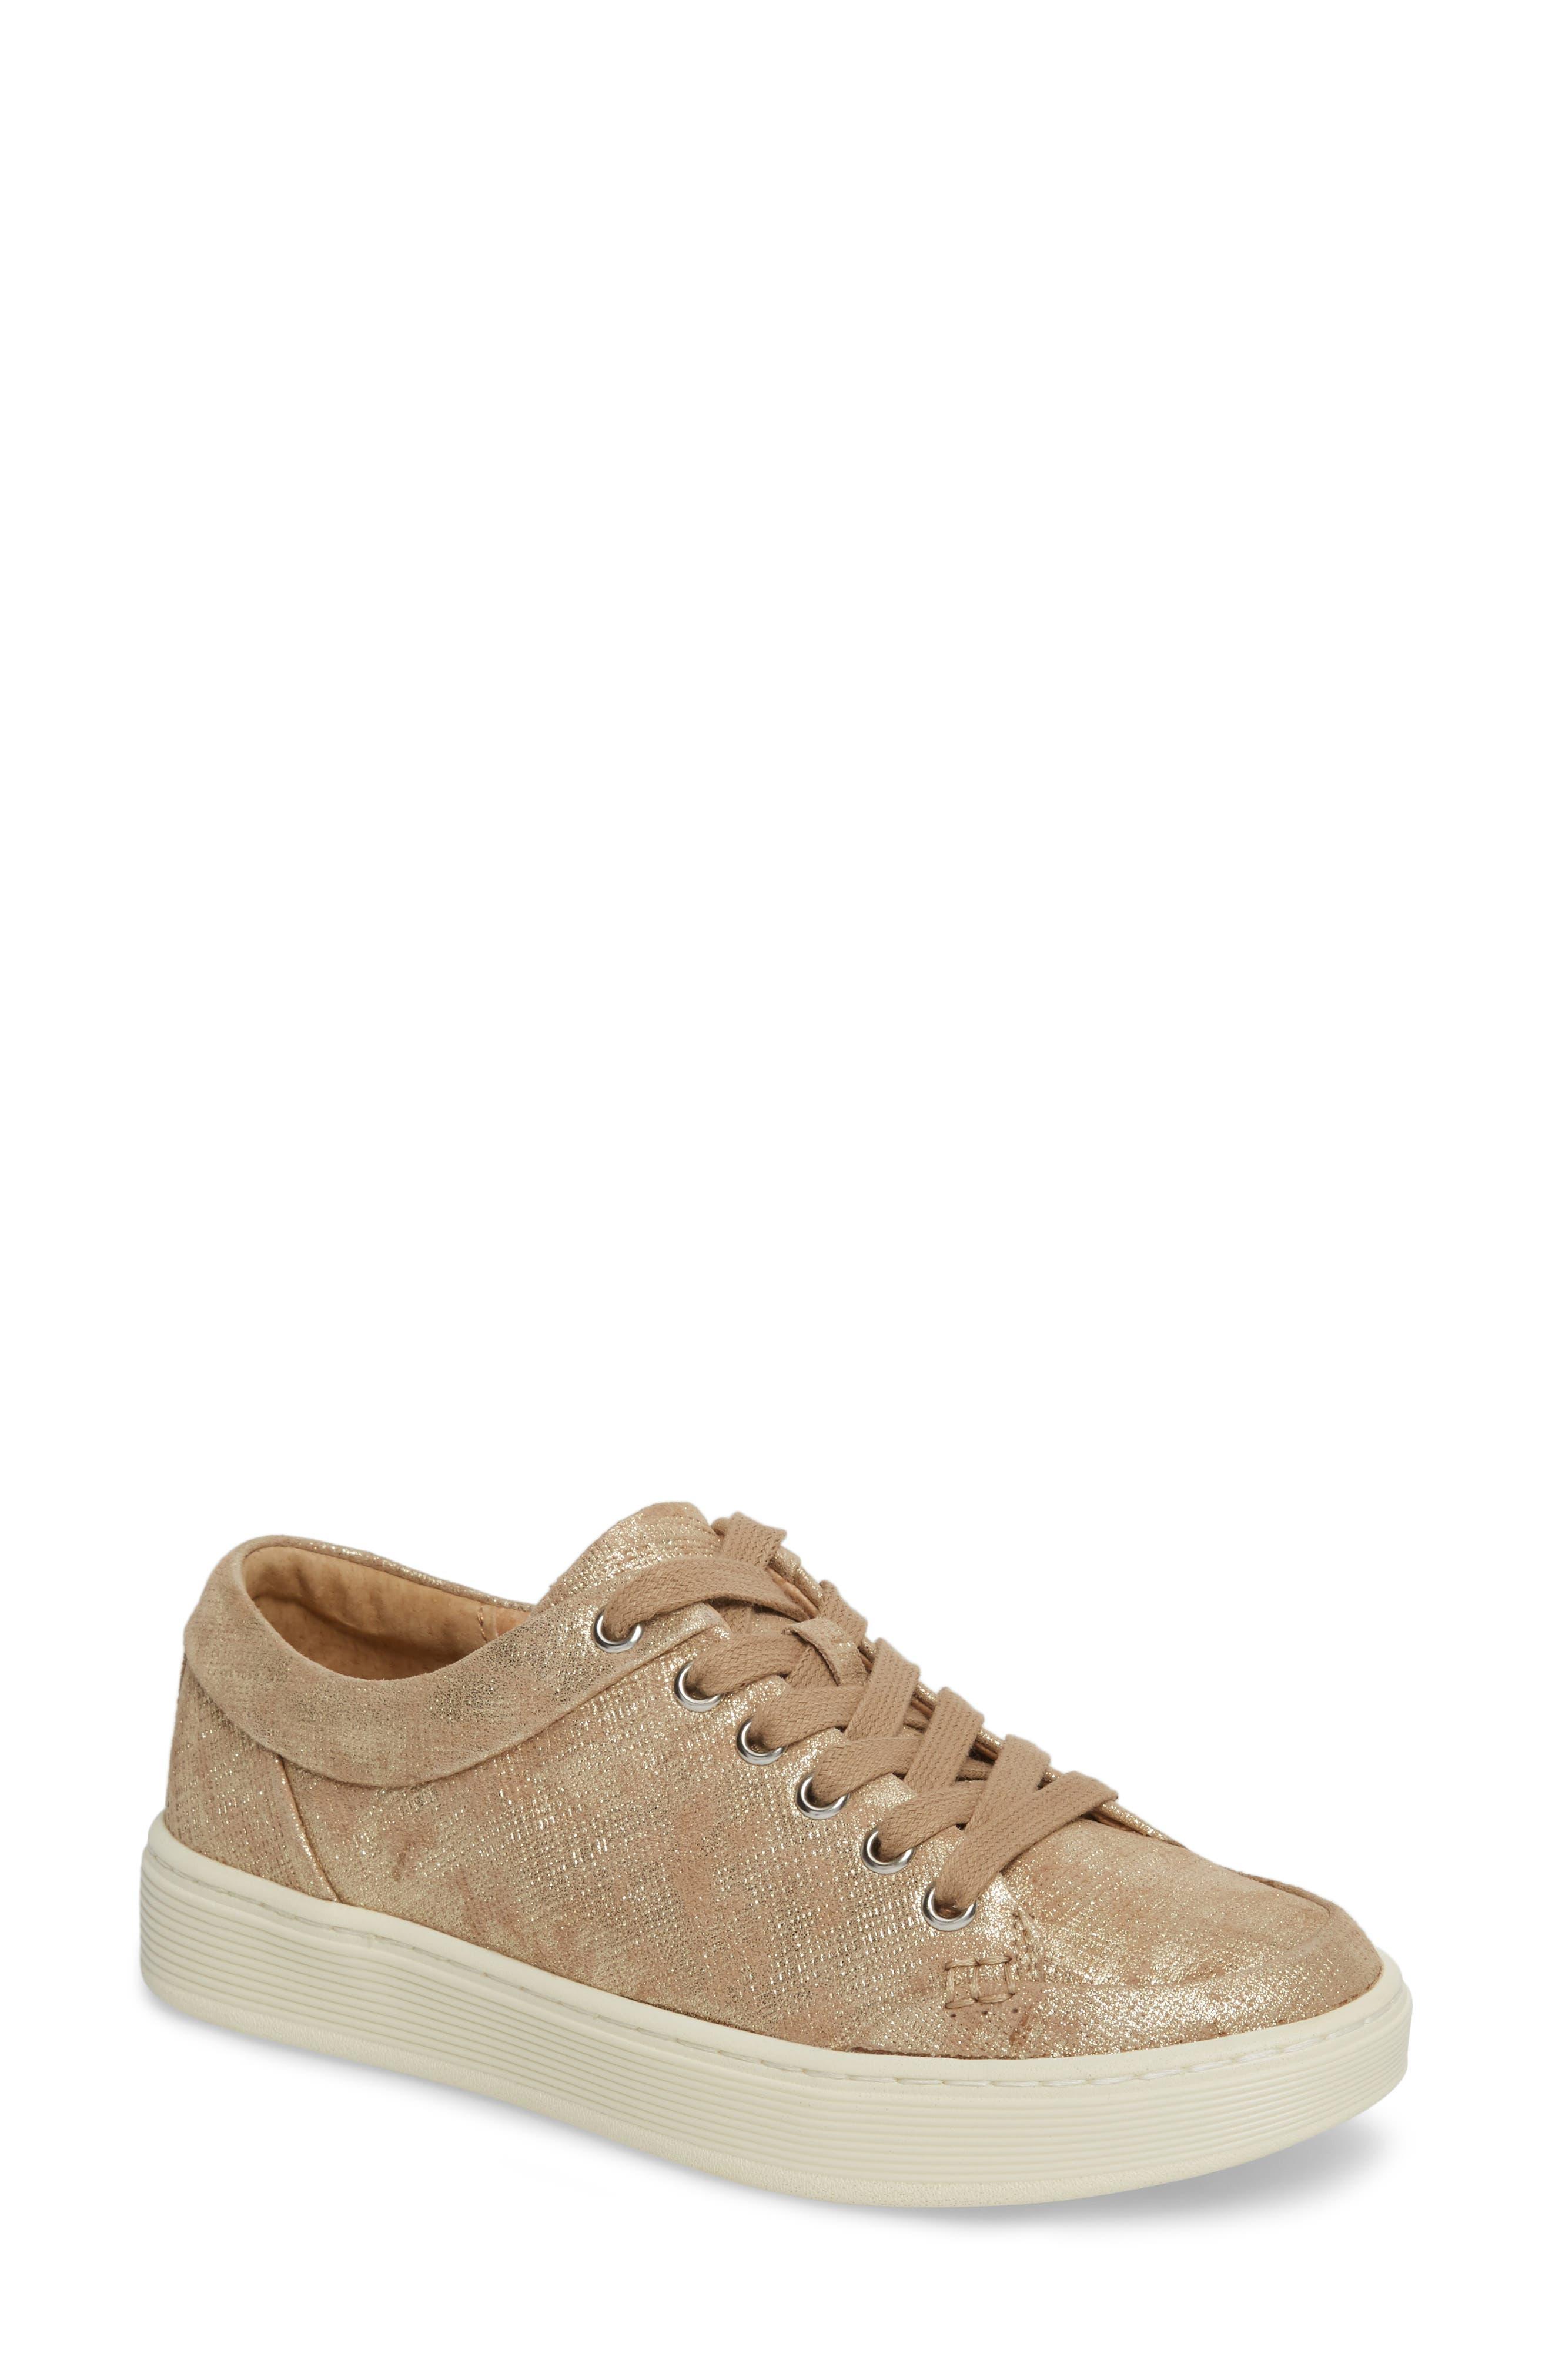 Image of Sofft Sanders Metallic Suede Sneaker